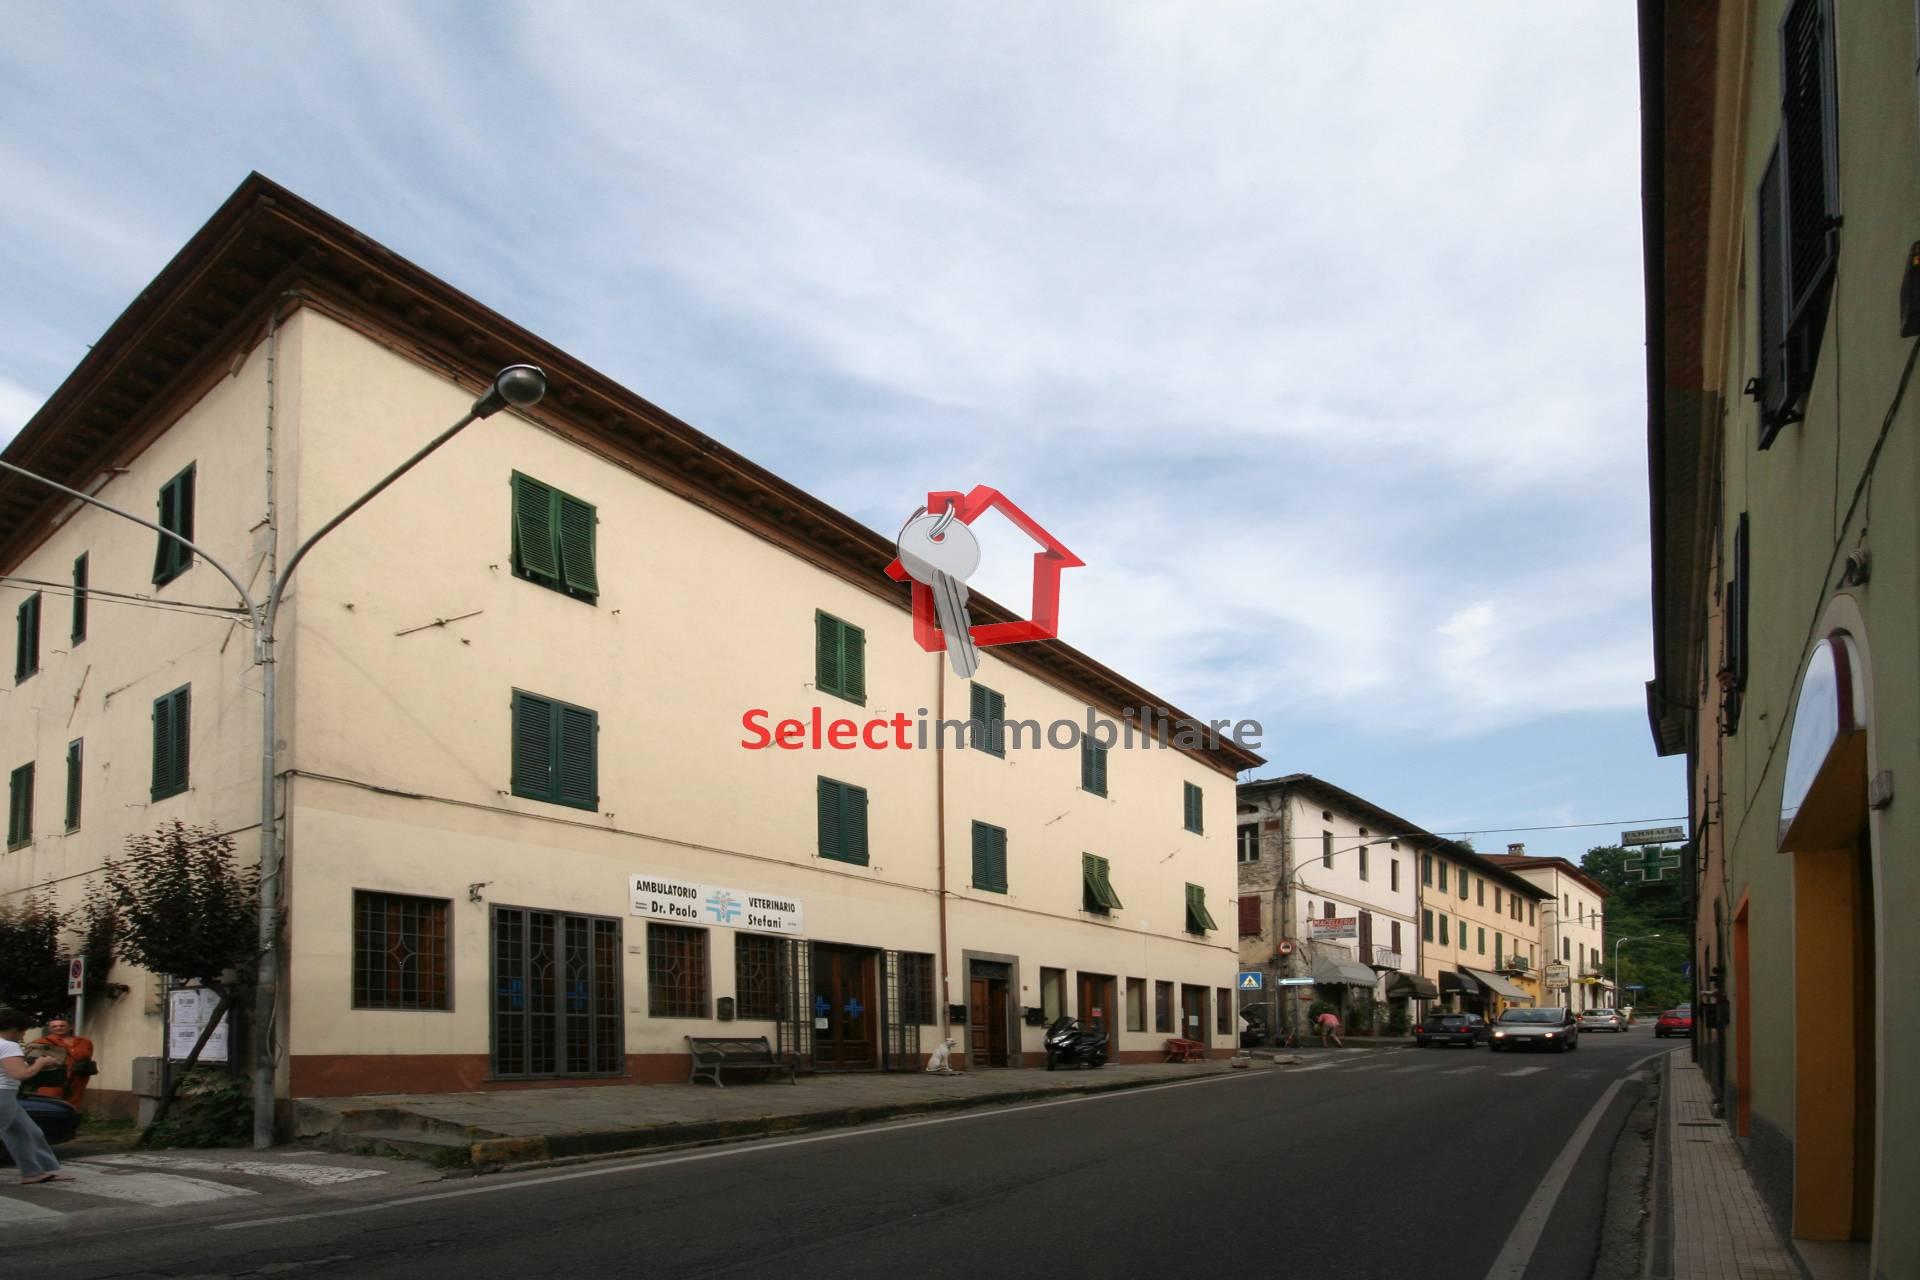 Appartamento in vendita a Barga, 4 locali, zona Località: PonteallAnia, prezzo € 140.000 | Cambio Casa.it